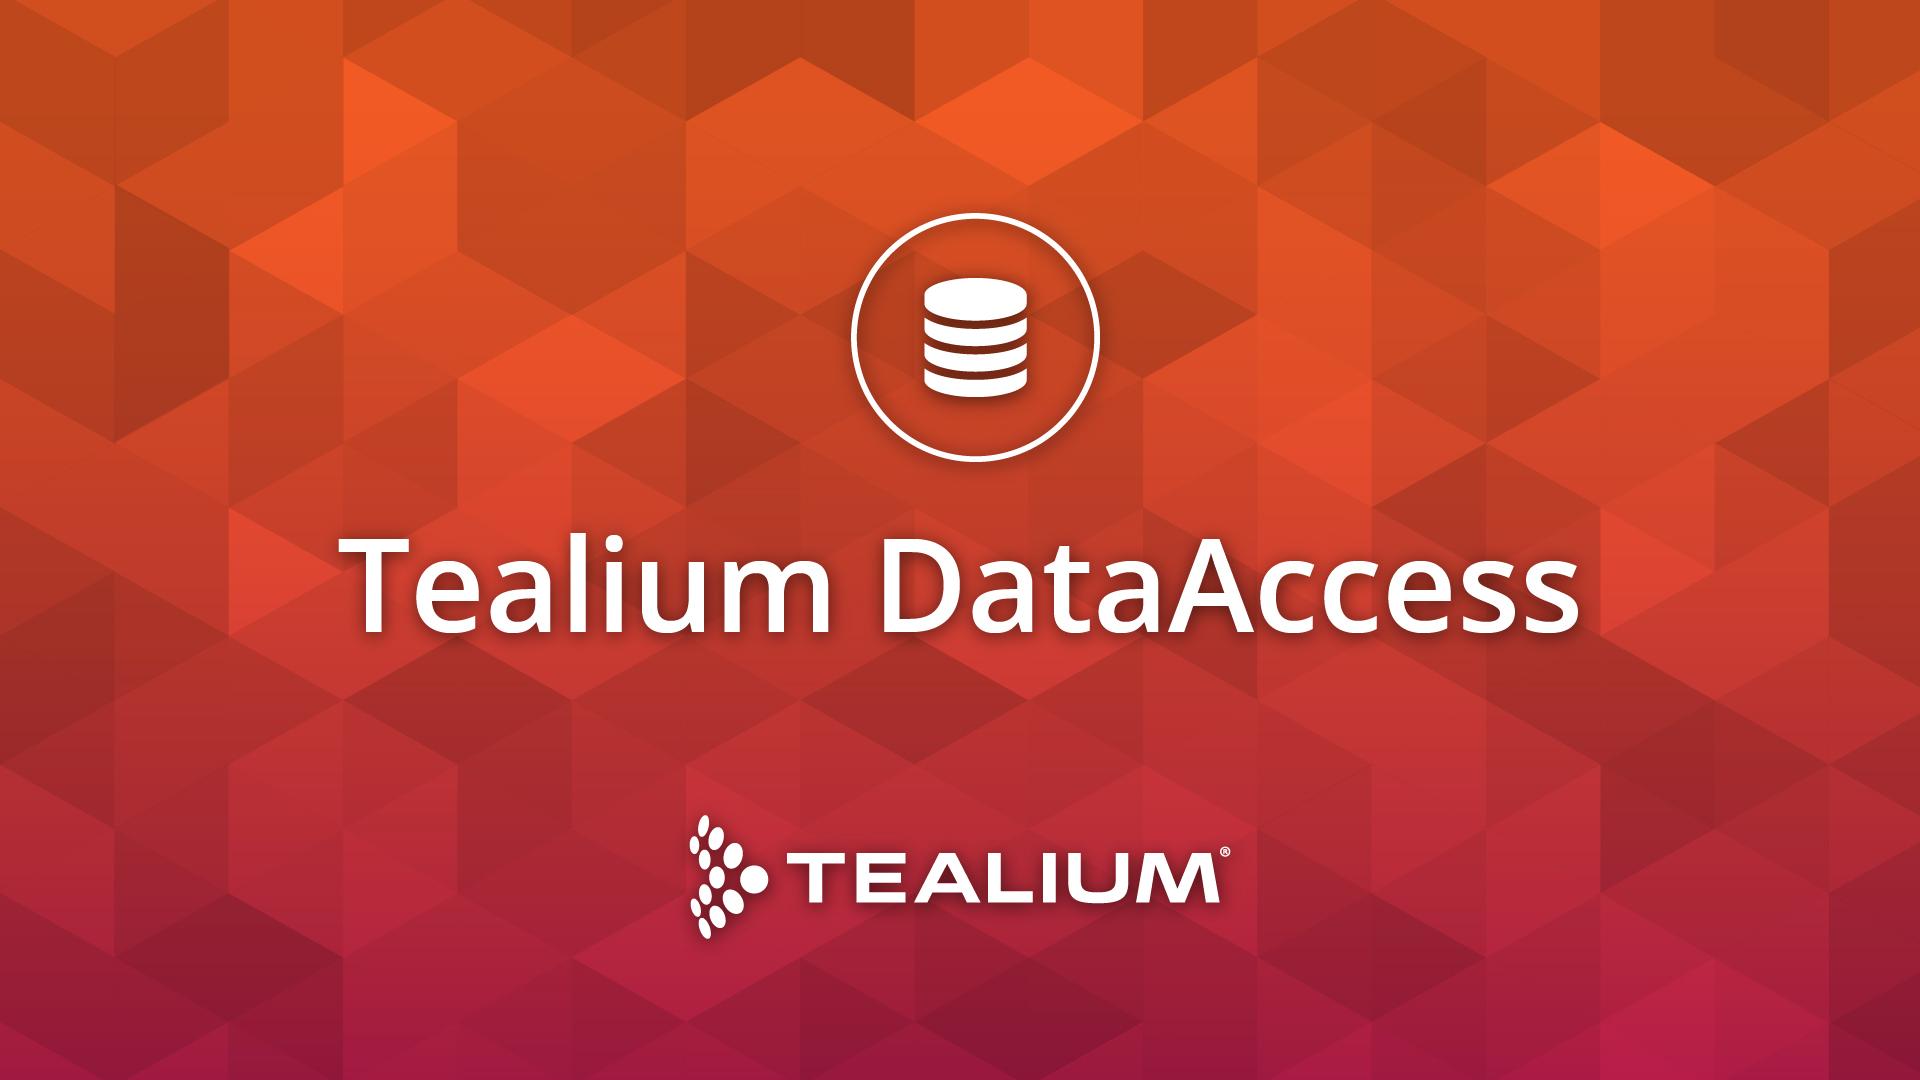 Product Spotlight: Tealium DataAccess